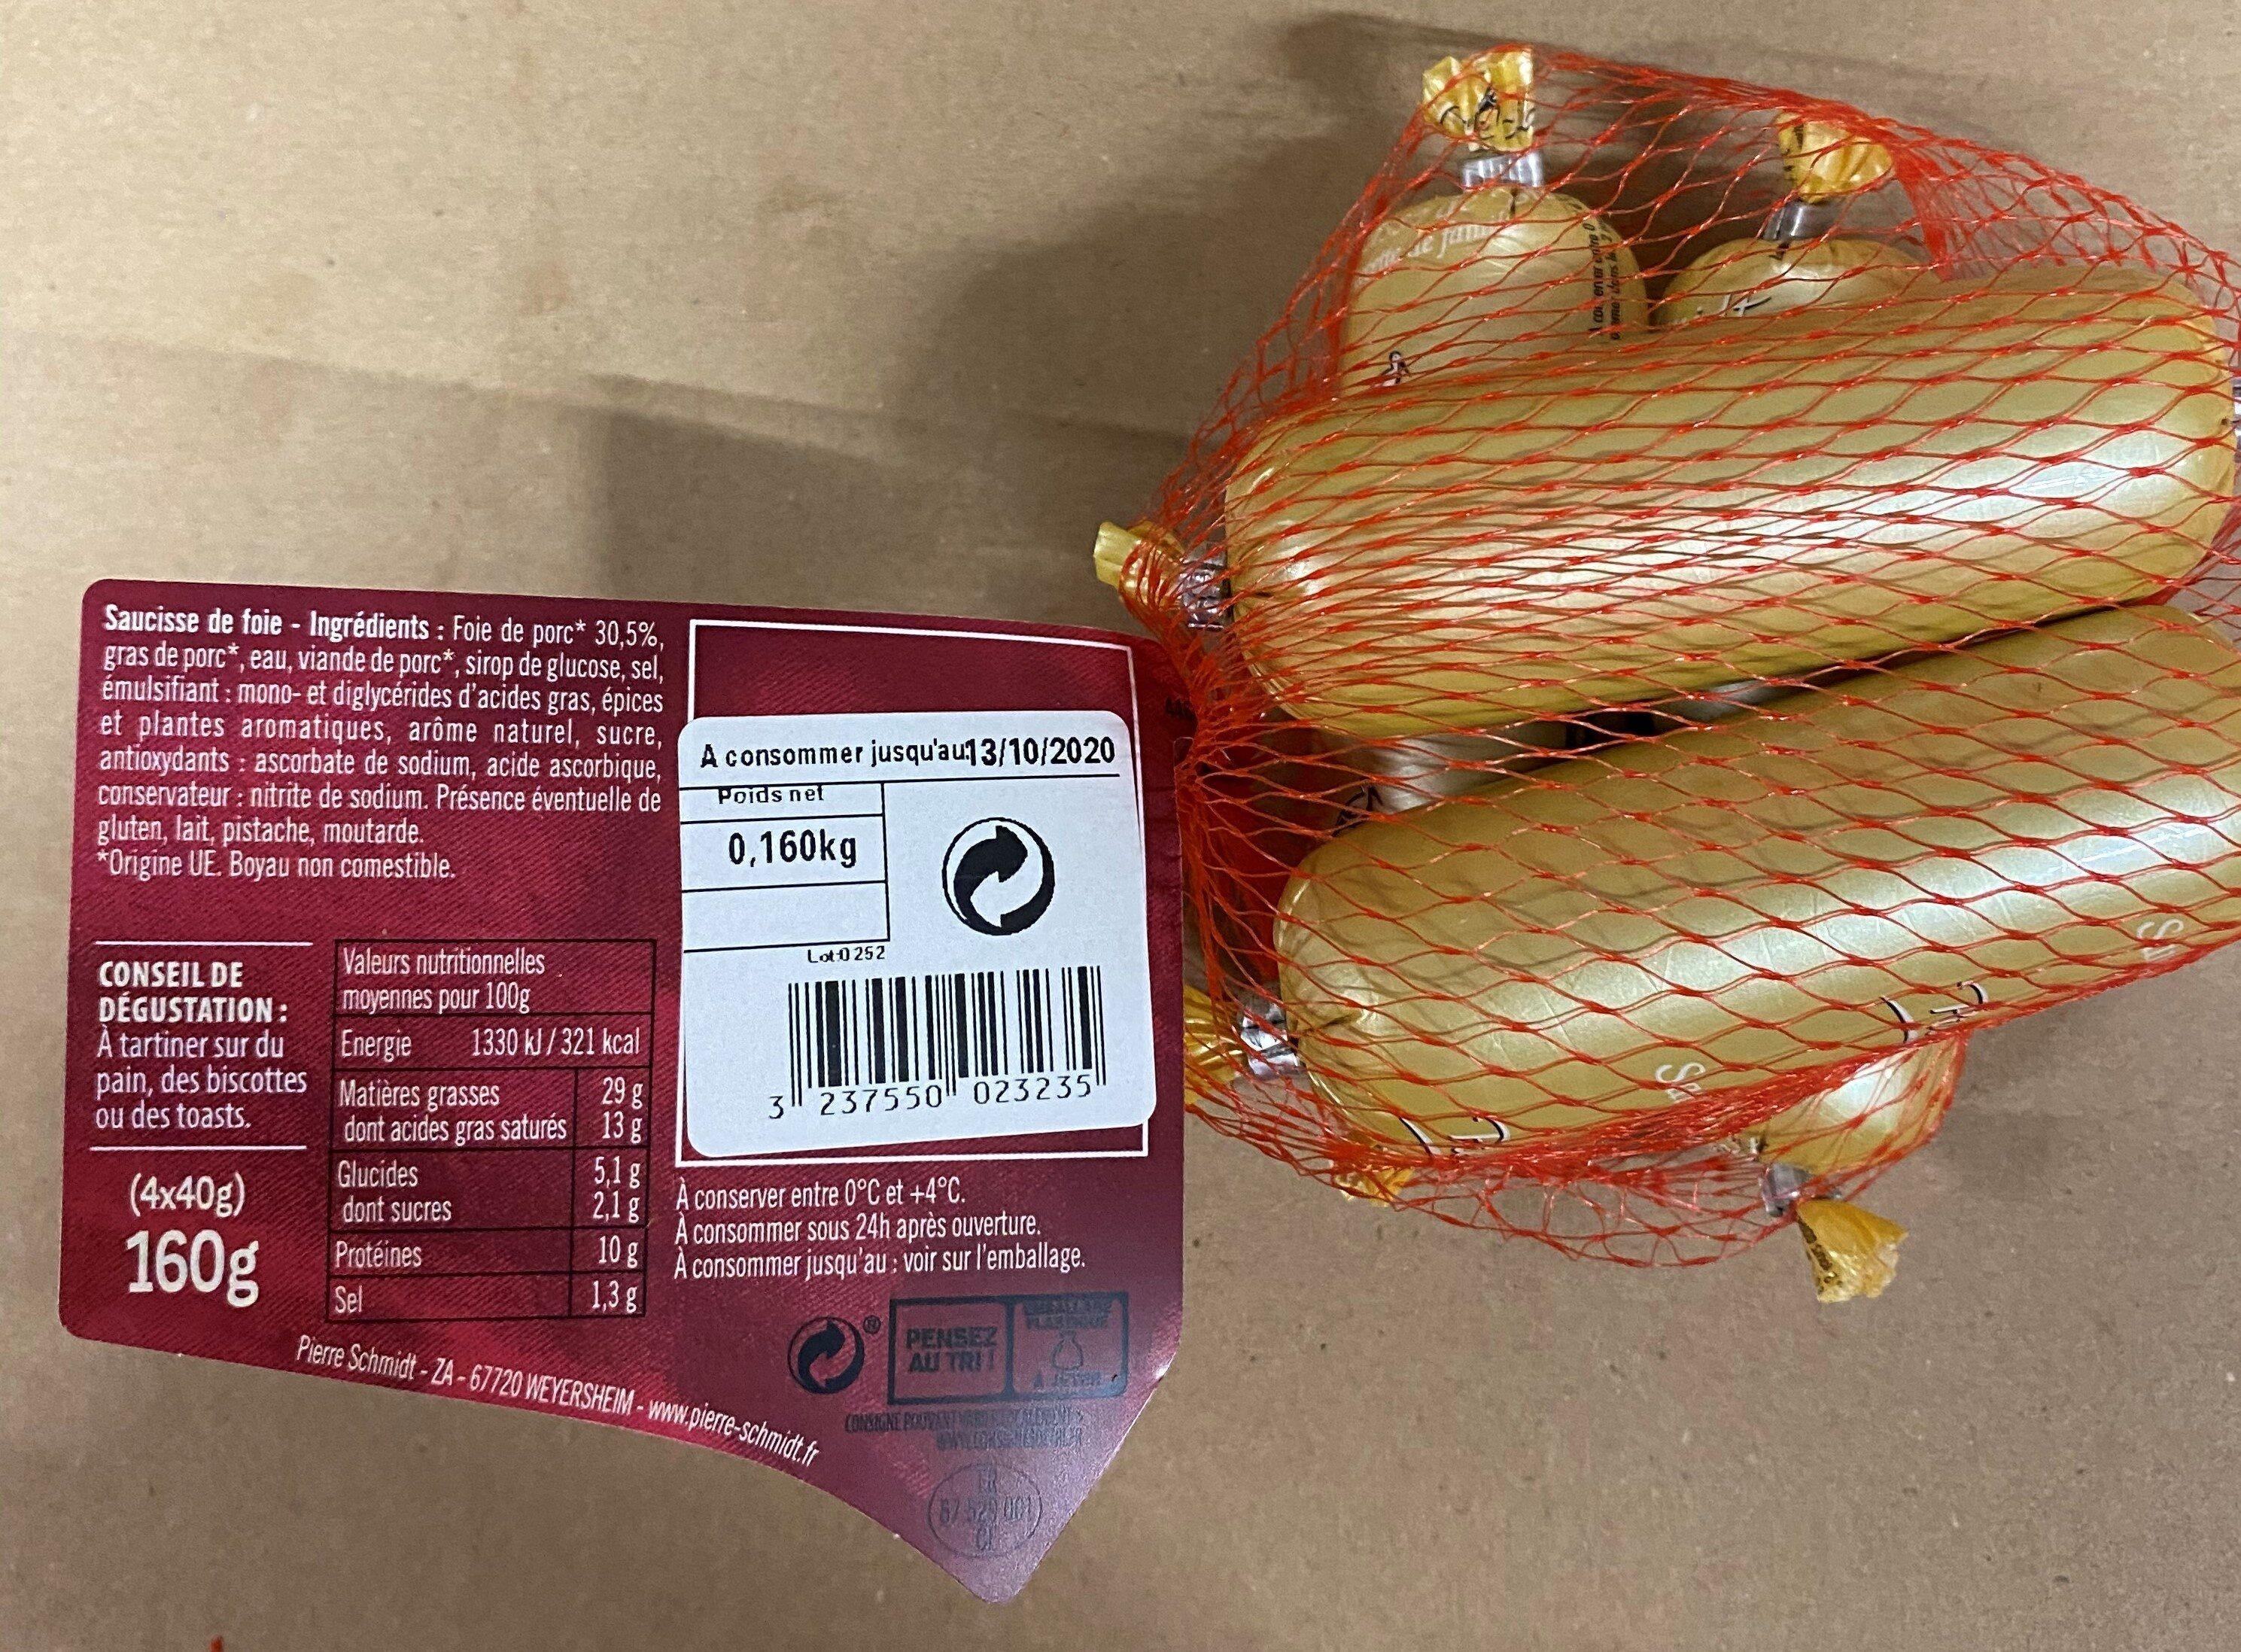 Pierre Schmidt, Mini saucisse de foie, delicieuse specialite alsacienne a tartiner, 4 x - Ingrédients - fr